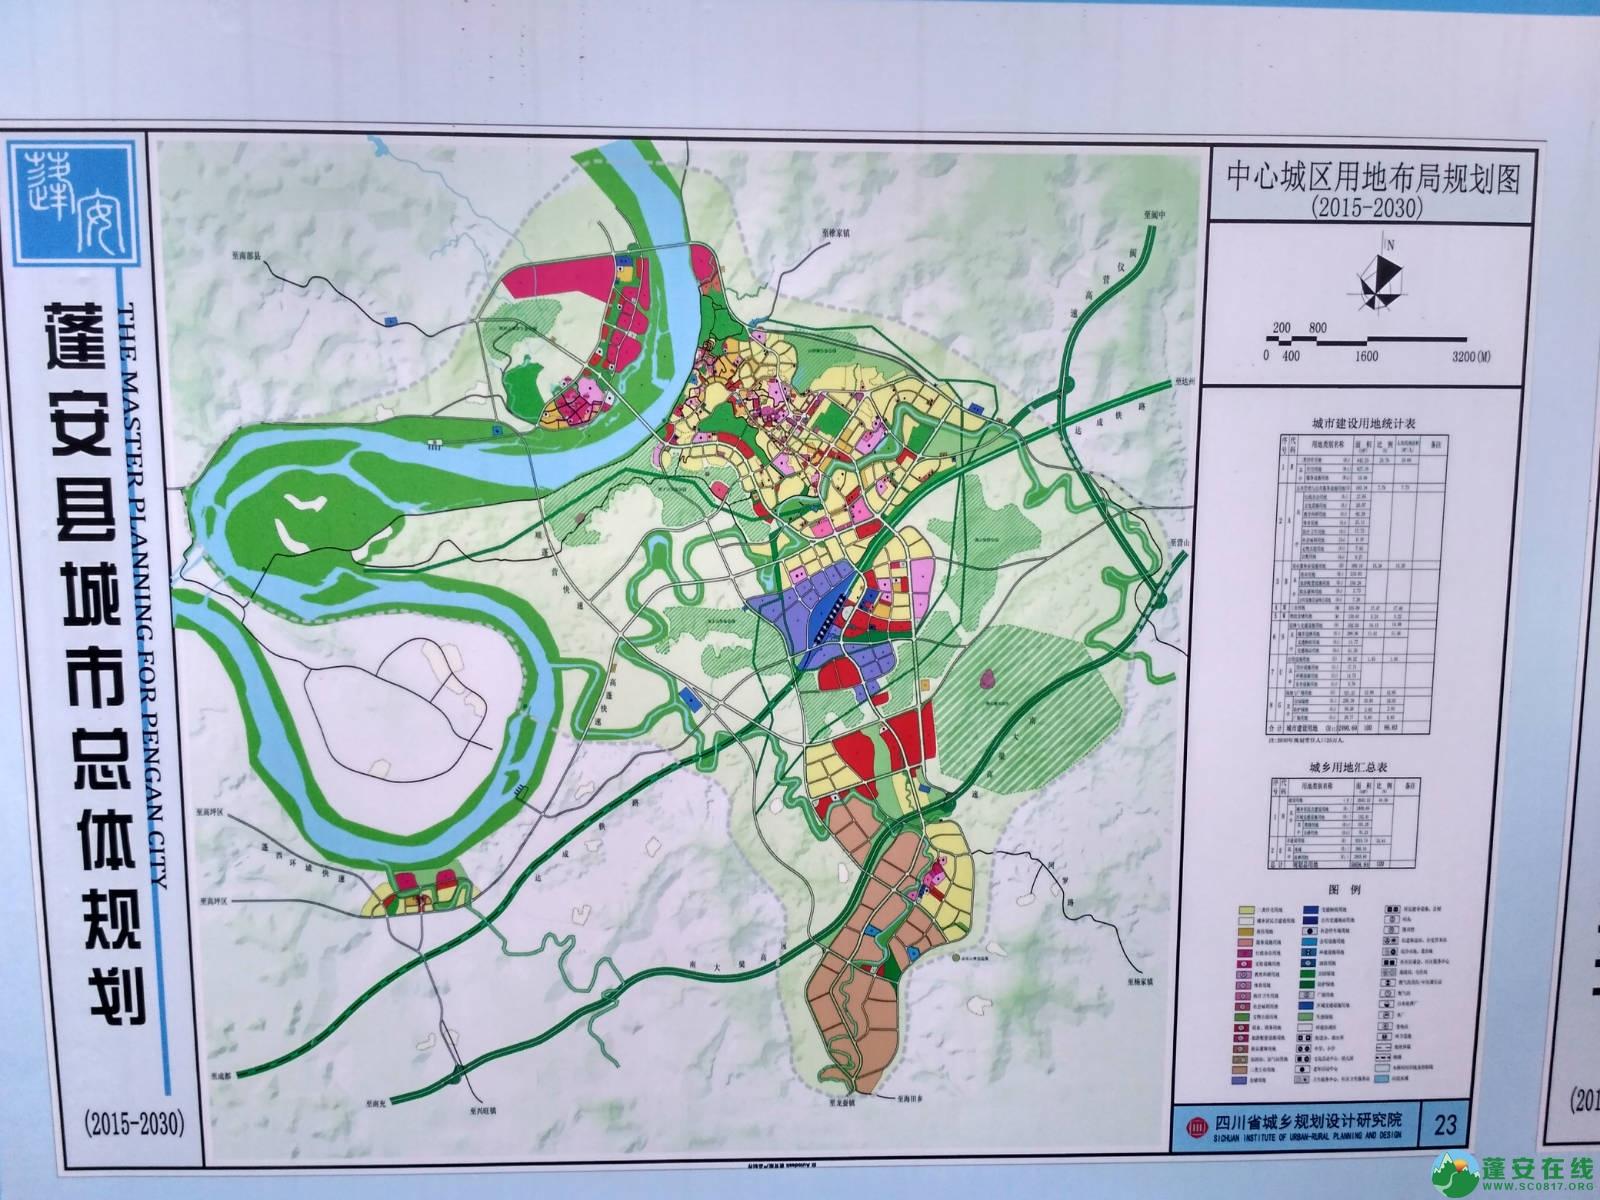 蓬安县2015年-2030年最新城市总体规划公示 - 第4张    蓬安在线